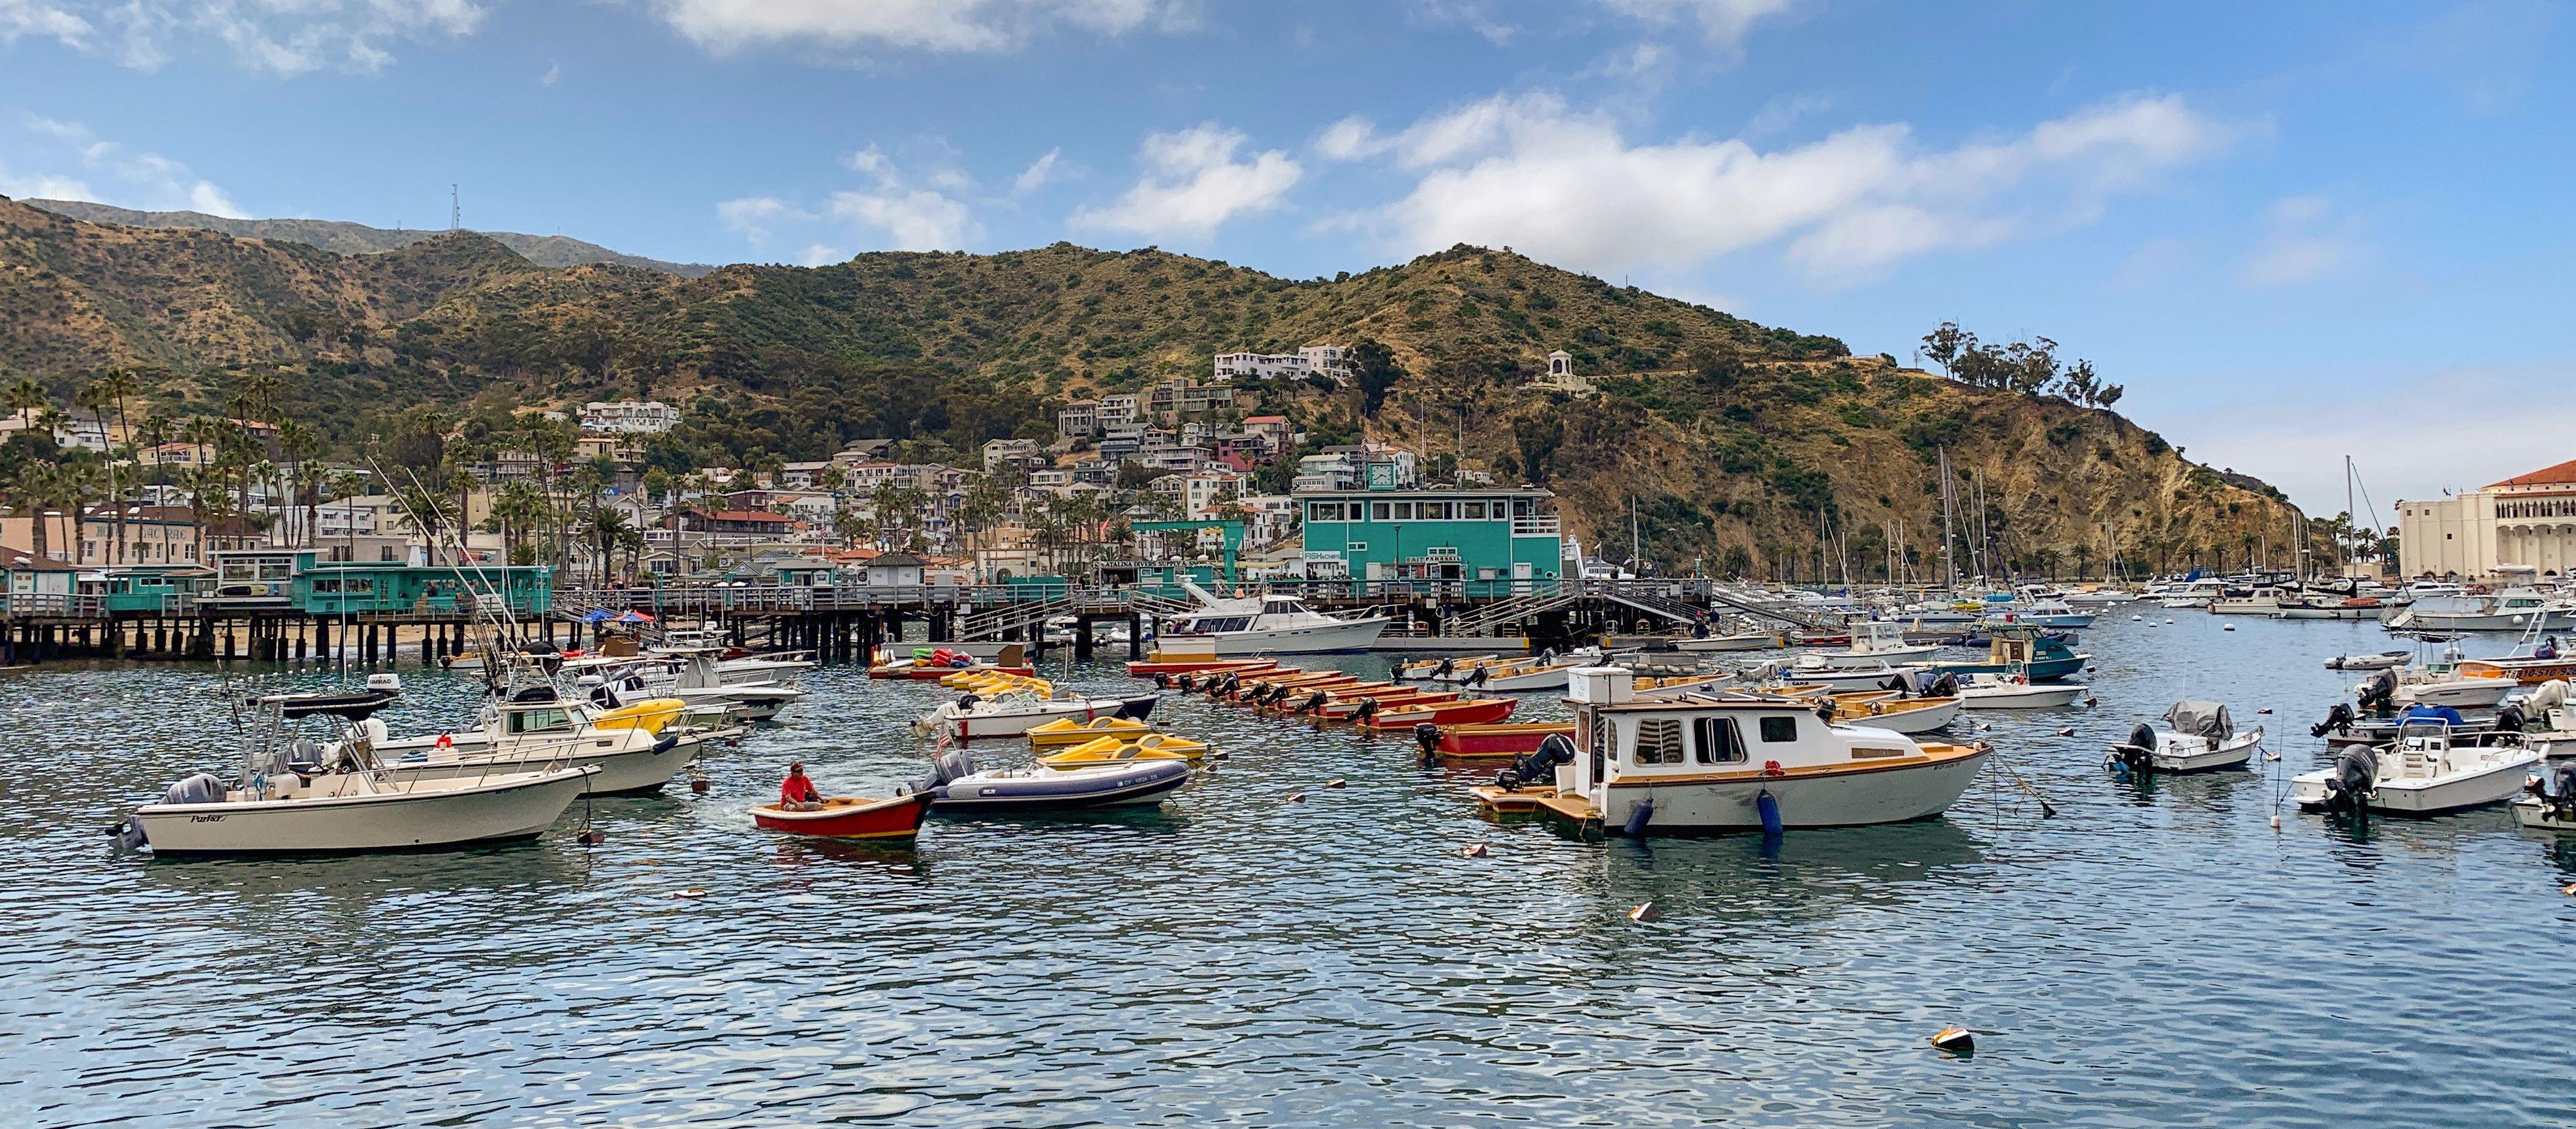 Der Hafen von Avalon auf Santa Catalina Island